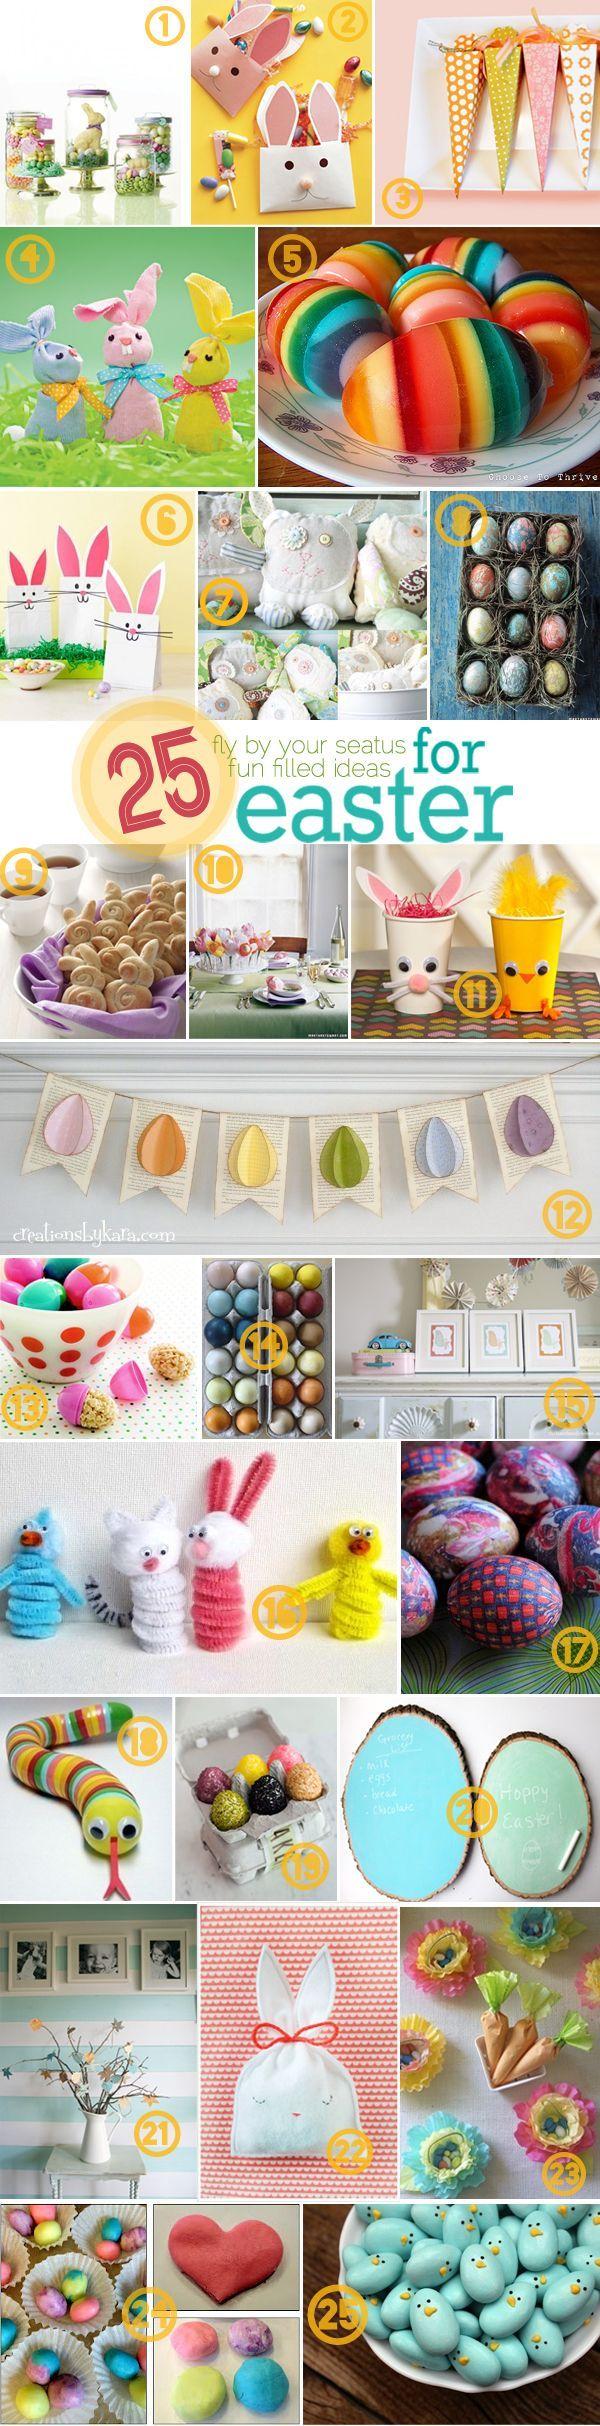 Easter idea - nice photo